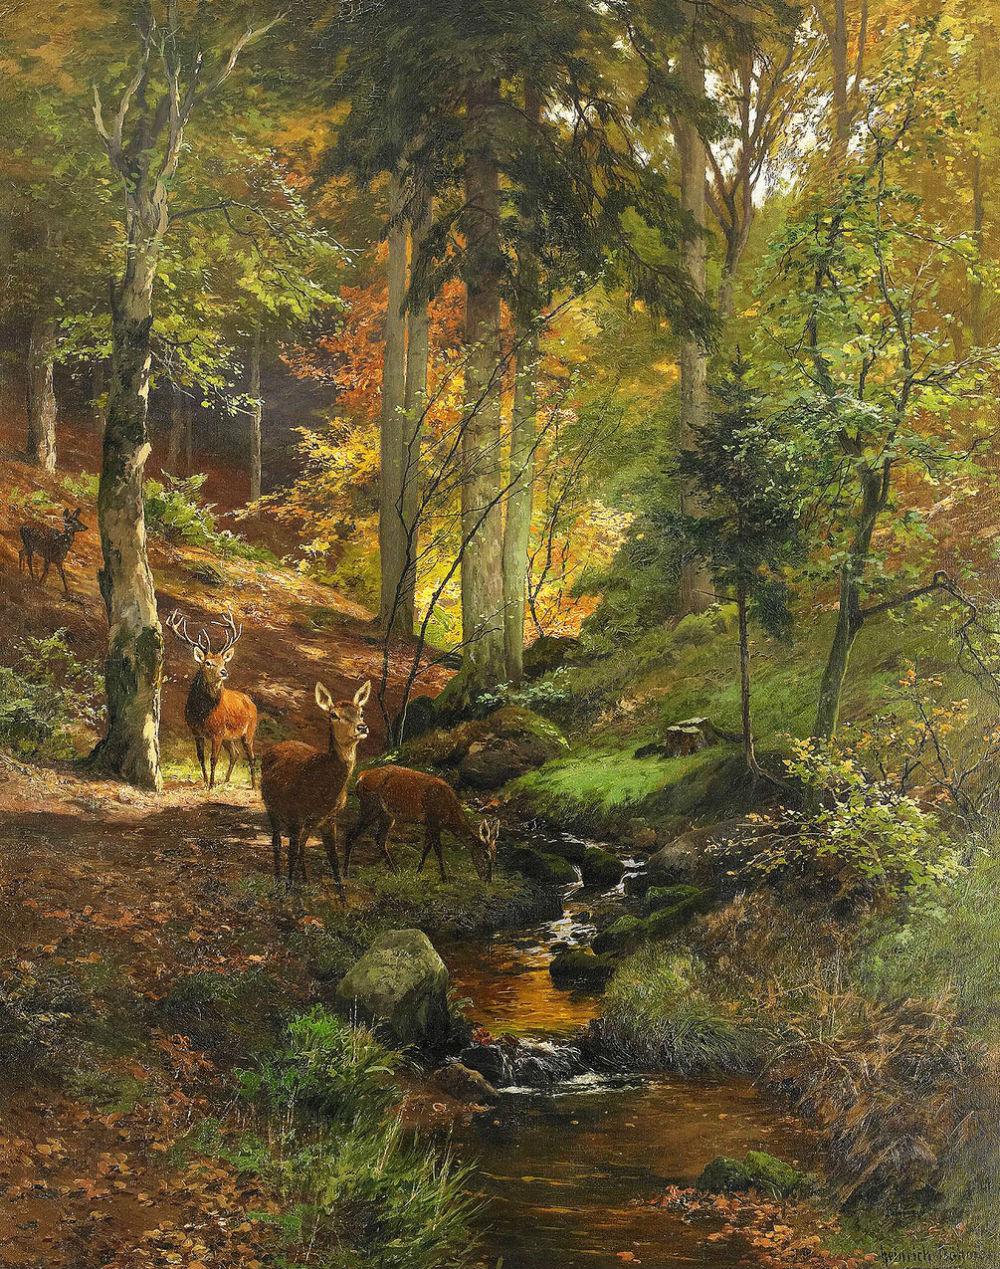 2-Heinrich-Bohmer-Hjortar-i-skogslandskap.jpg